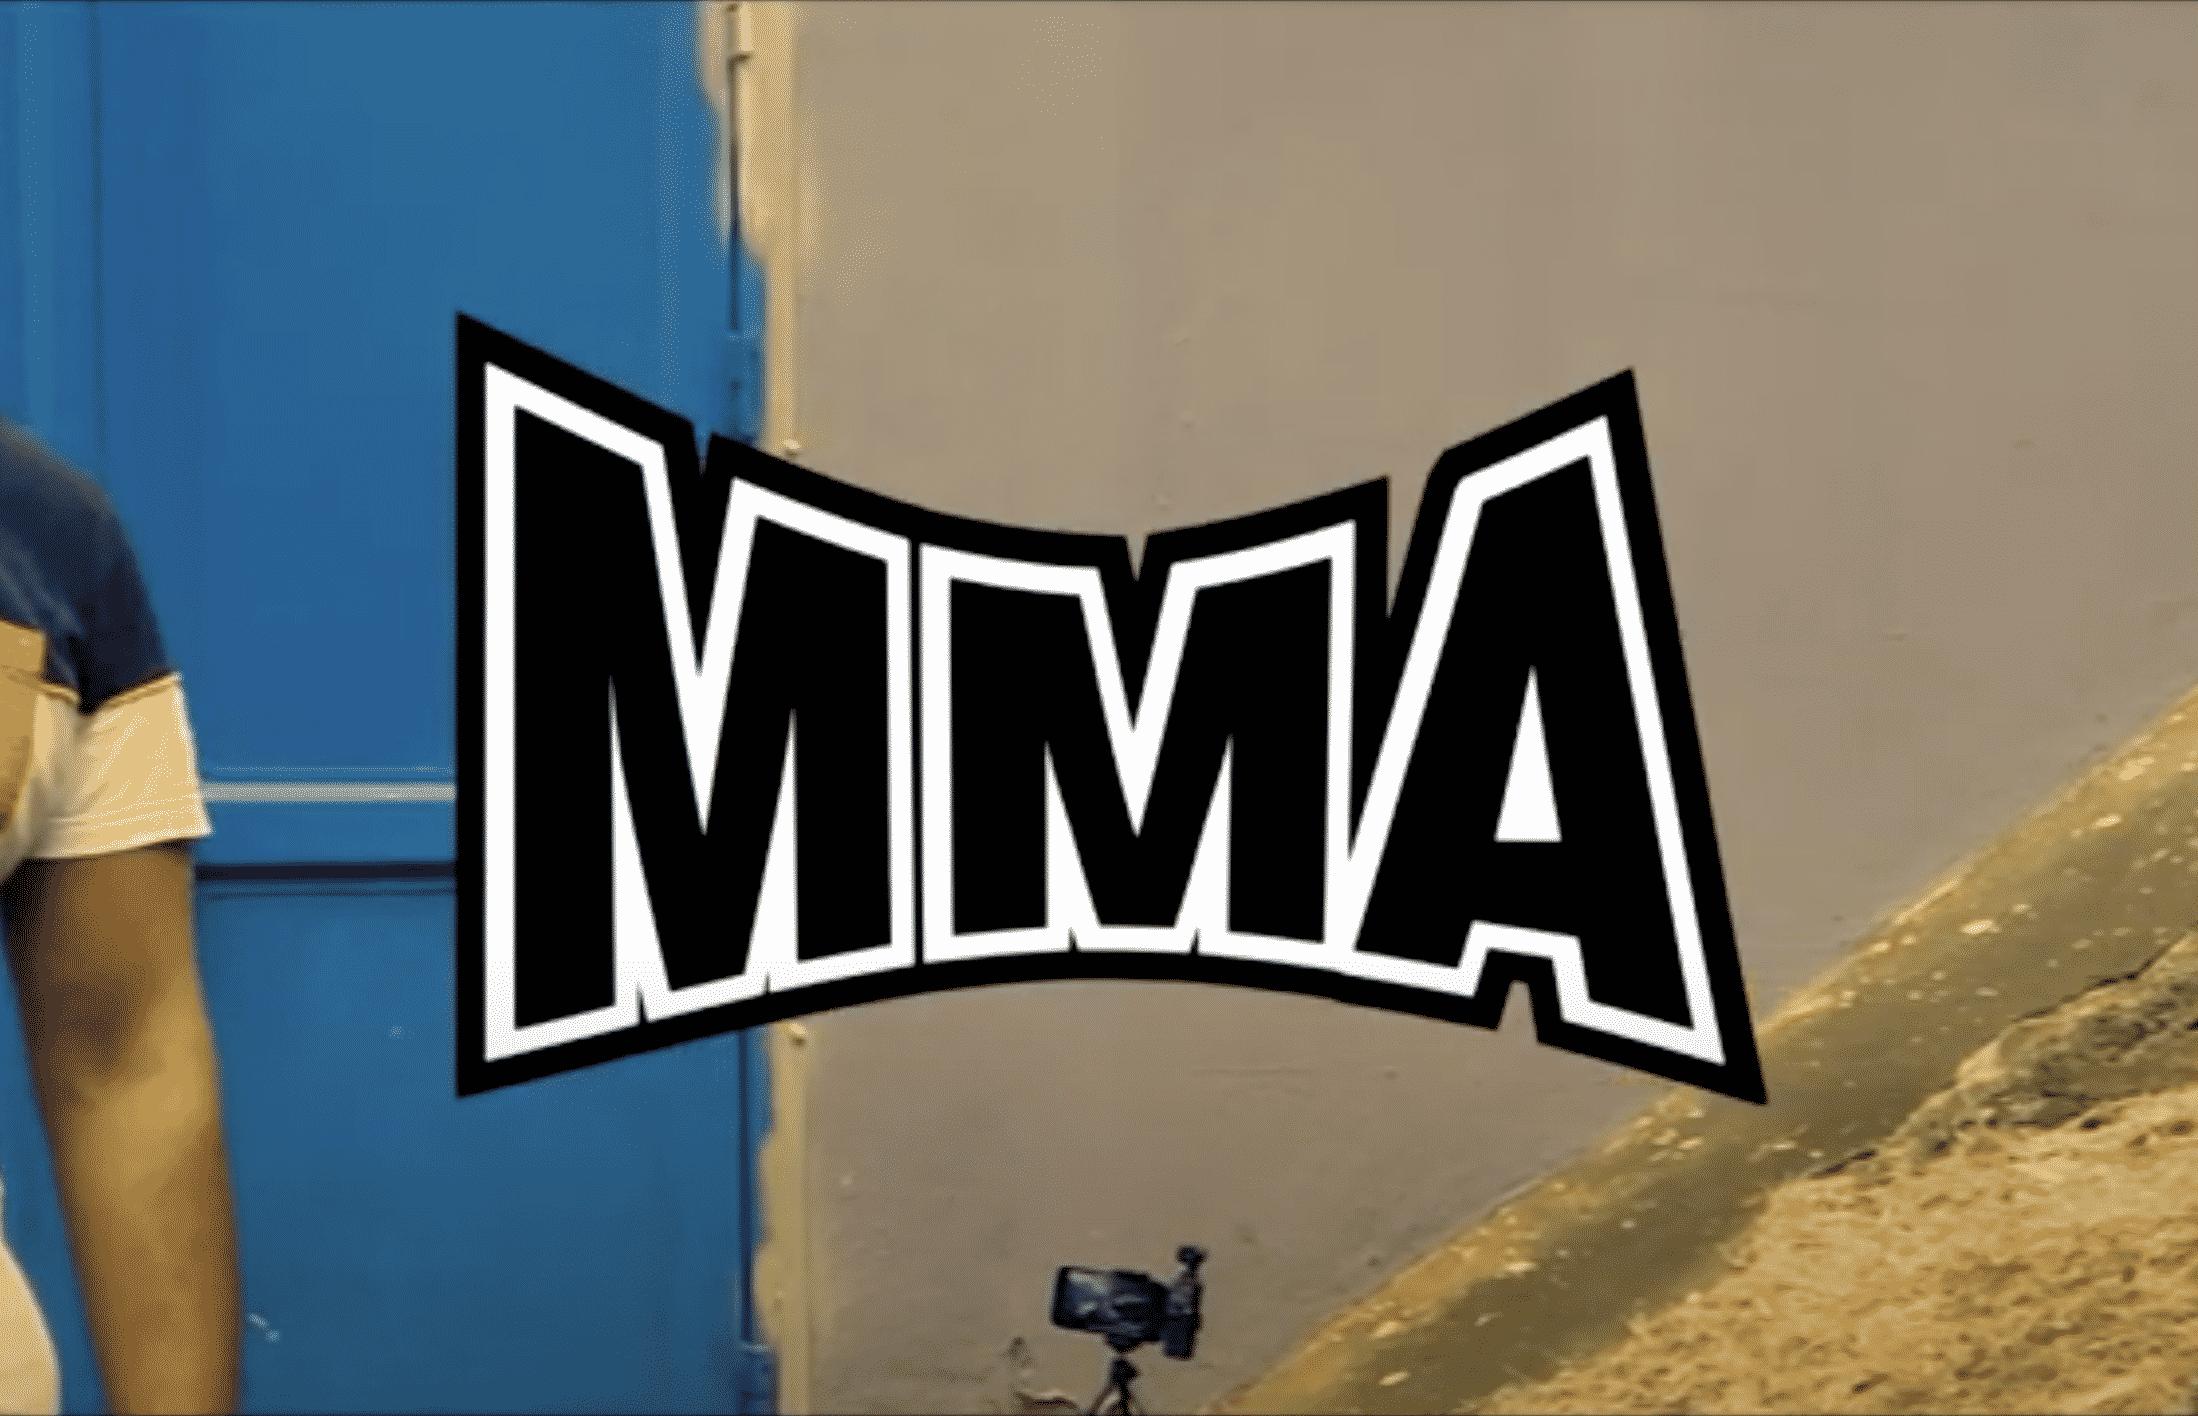 Le LG SQUAD nous offre le clip de MMA